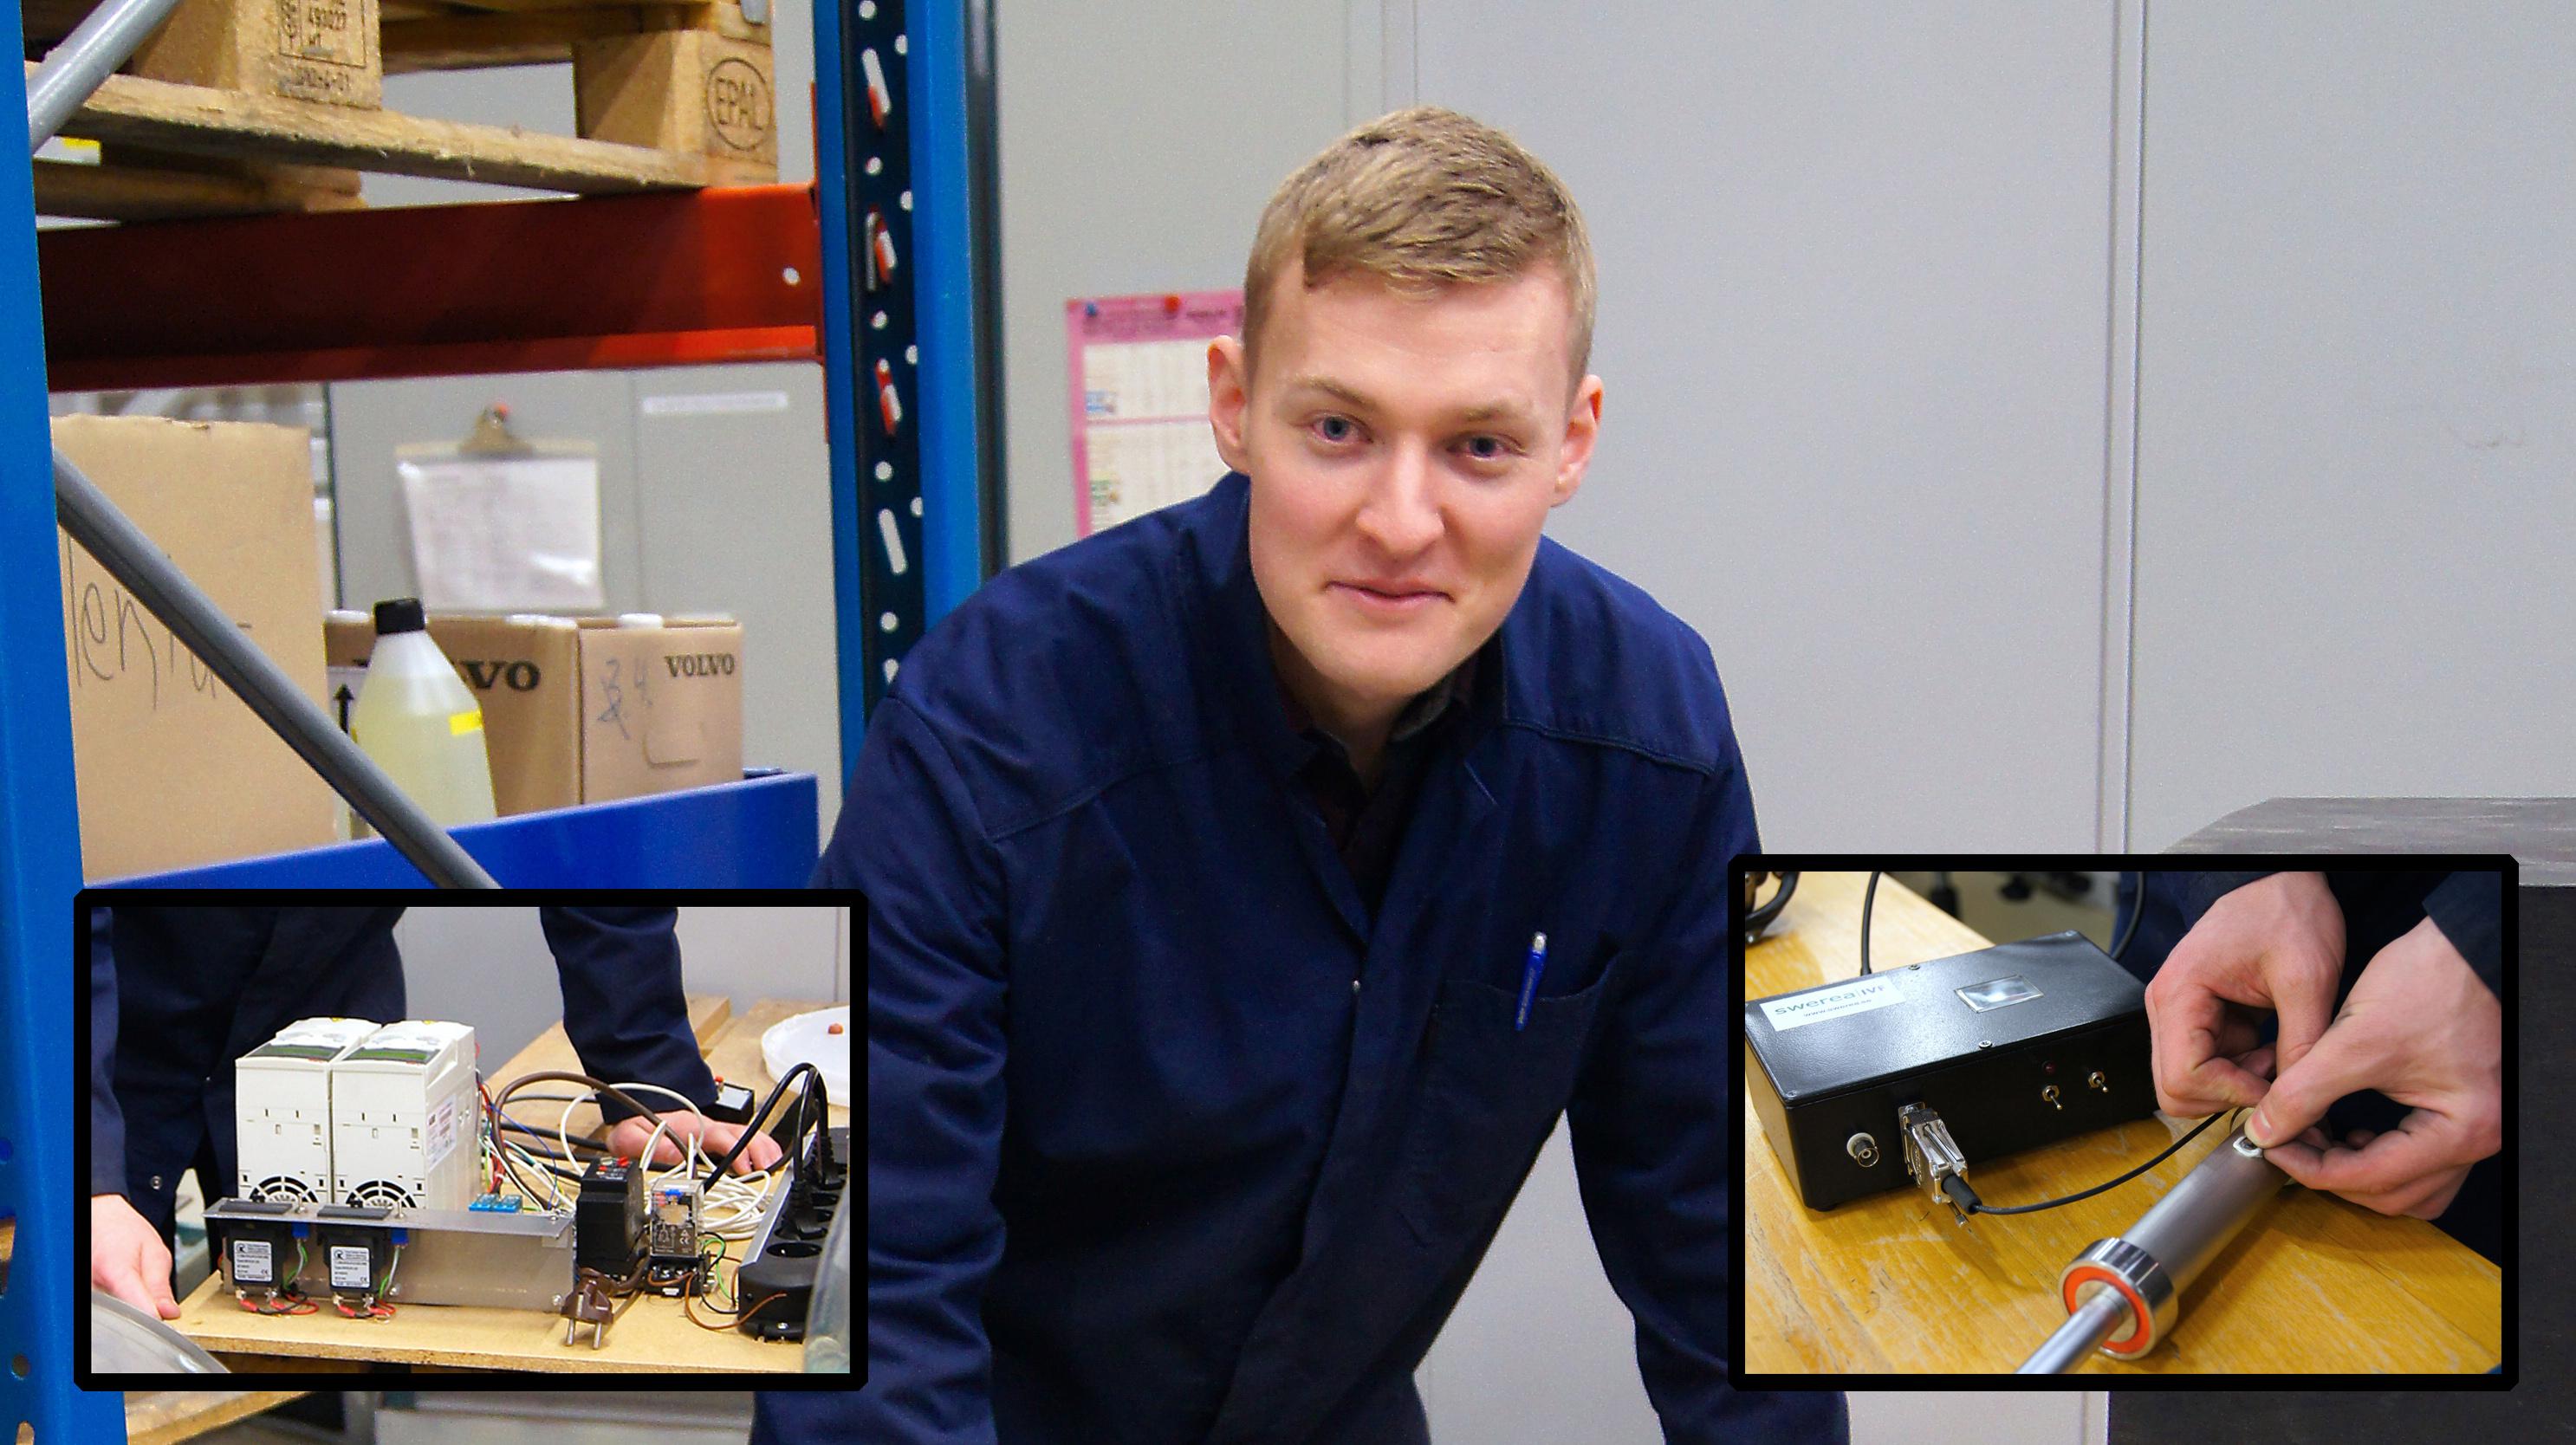 Bilden föreställer en man med kort, ljust hår och blå skjorta. Över bilden är två mindre bilder monterade, föreställande olika typer av mätutrustning.